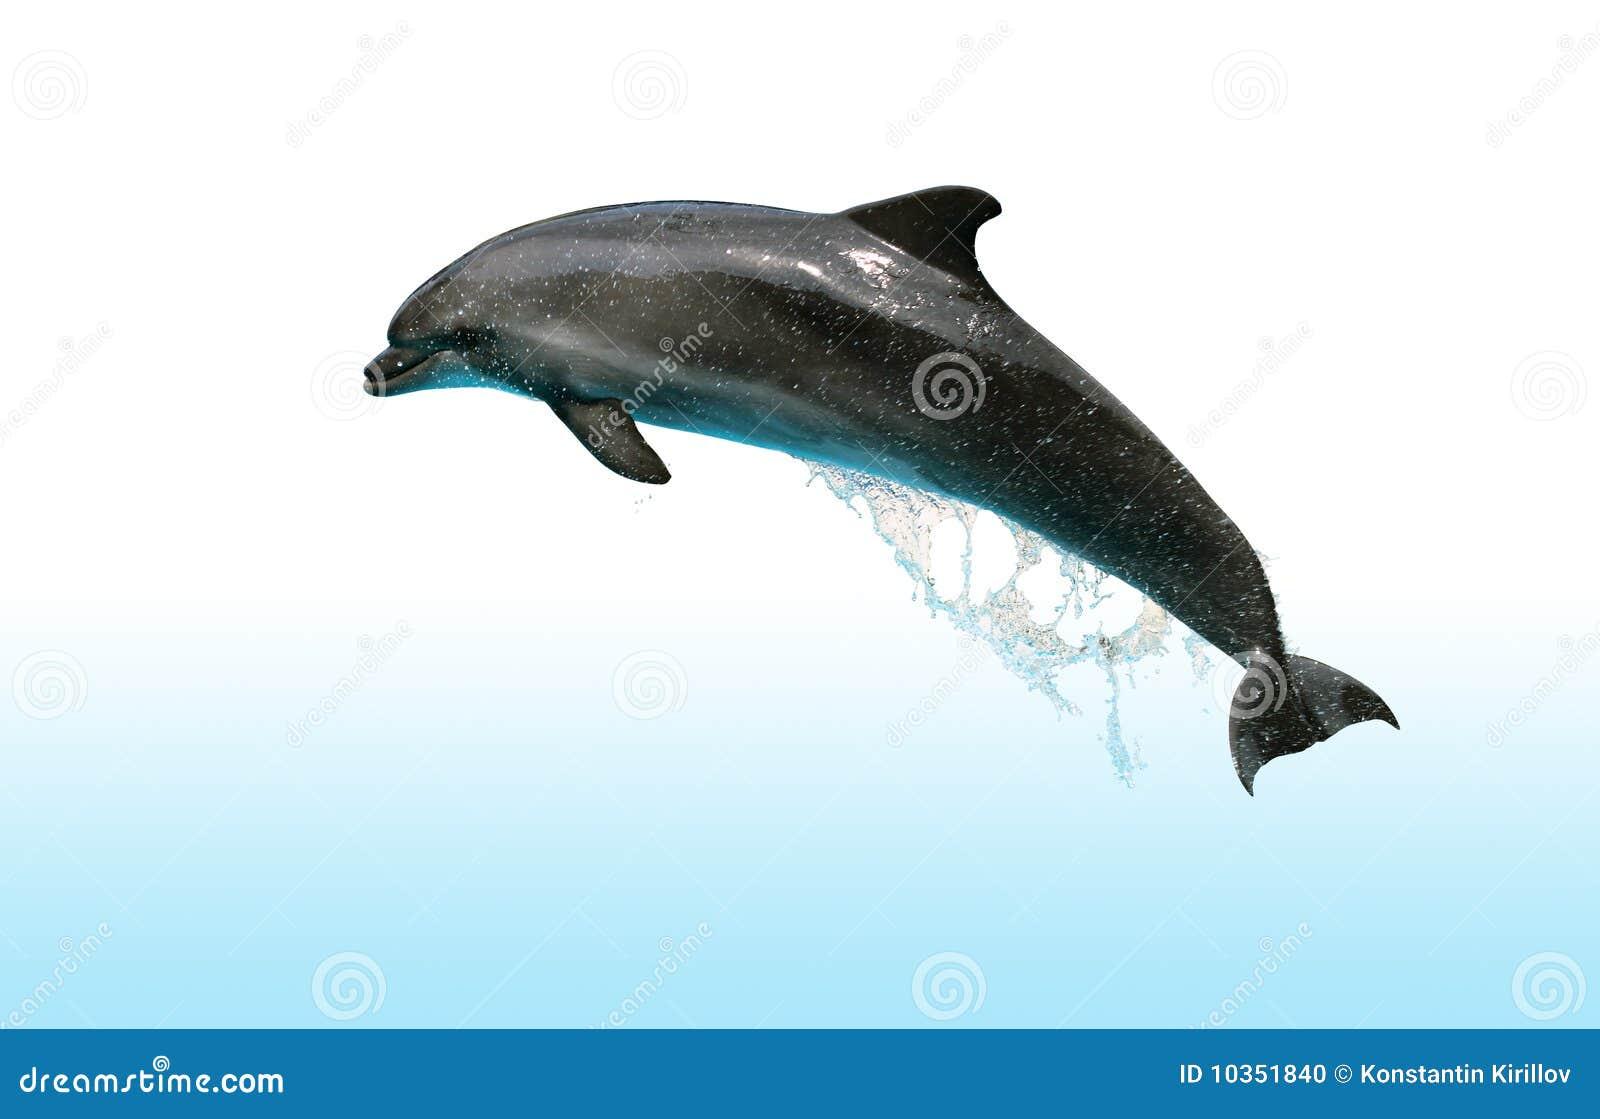 подскакивающий дельфин - Стоковое фото #1090914. подскакивающий дельфин - Стоковое изображение #1090914.